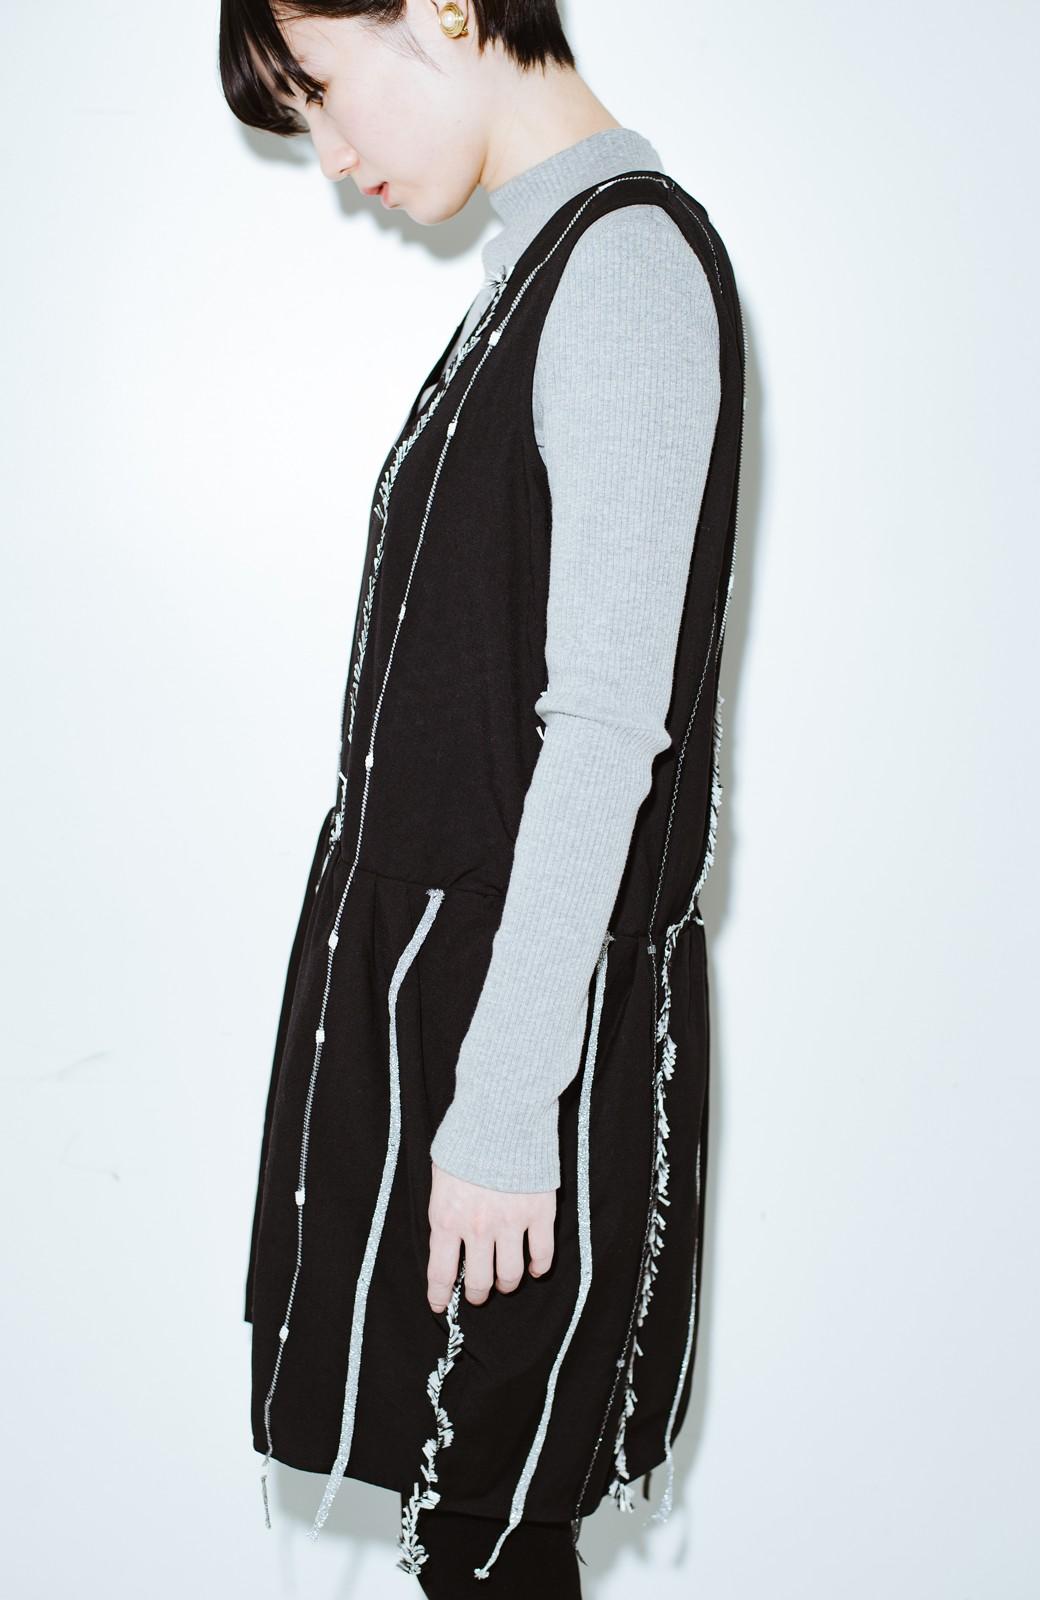 haco! co&tion 田中佑佳Zebra(09 milling crowd)黒ワンピ【アーティスト監修10点もの】 <ブラック>の商品写真9